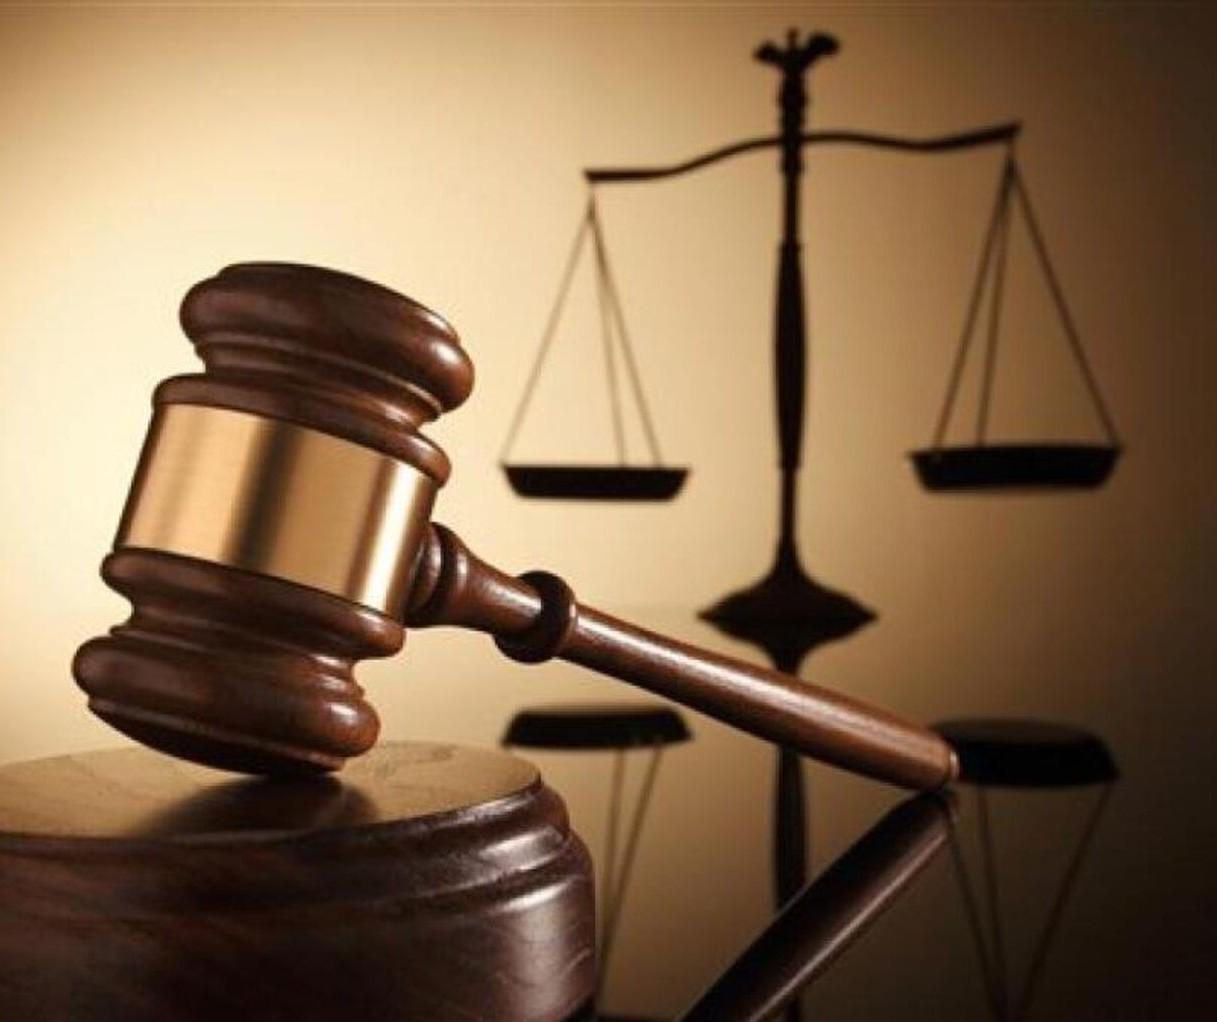 Lei de Abuso de Autoridade é fundamental, segundo advogado